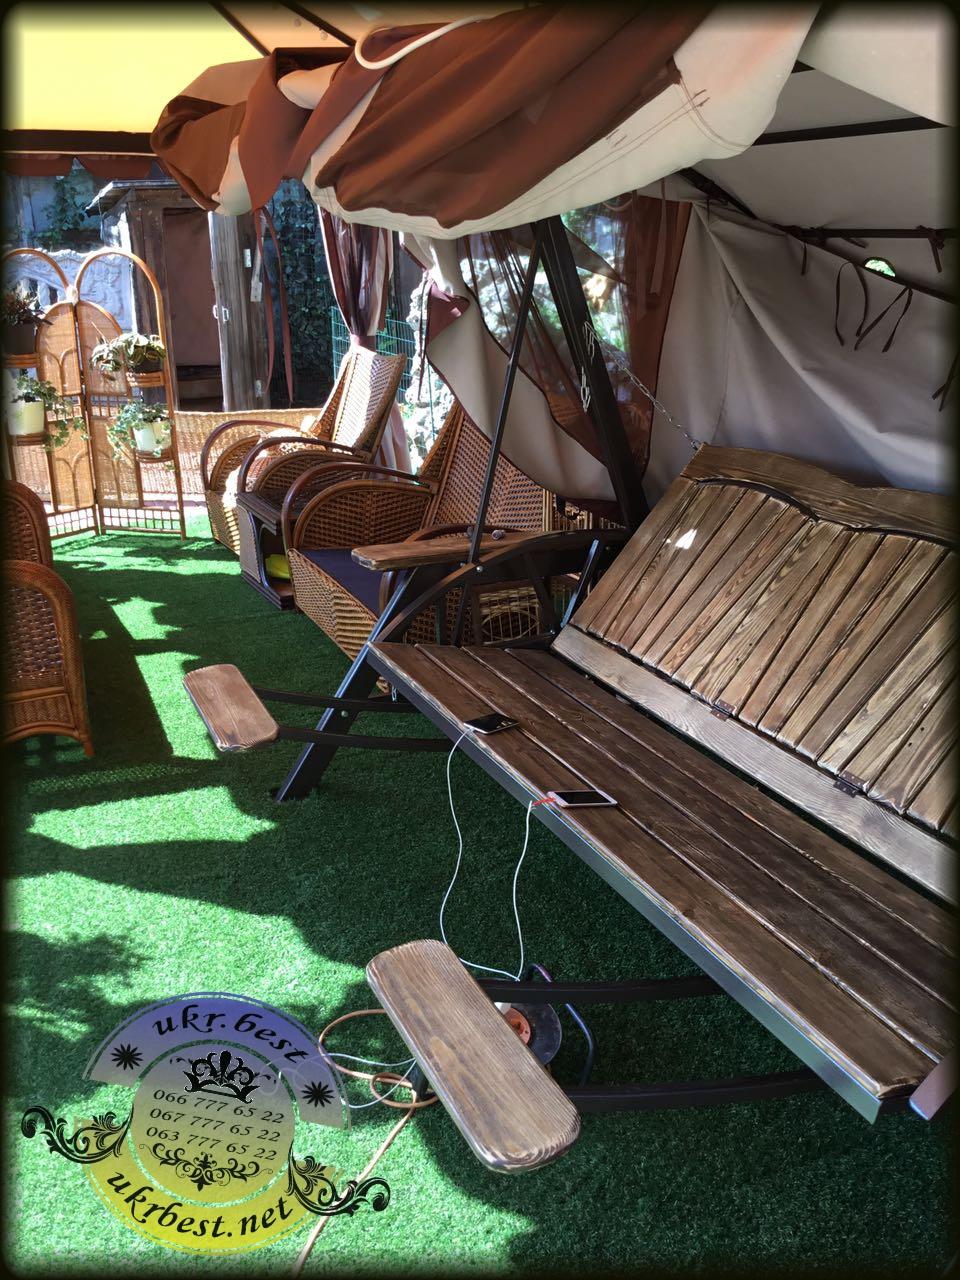 Фото клиента UkrBest - садовые качели Техас Люкс и другая уличная мебель.